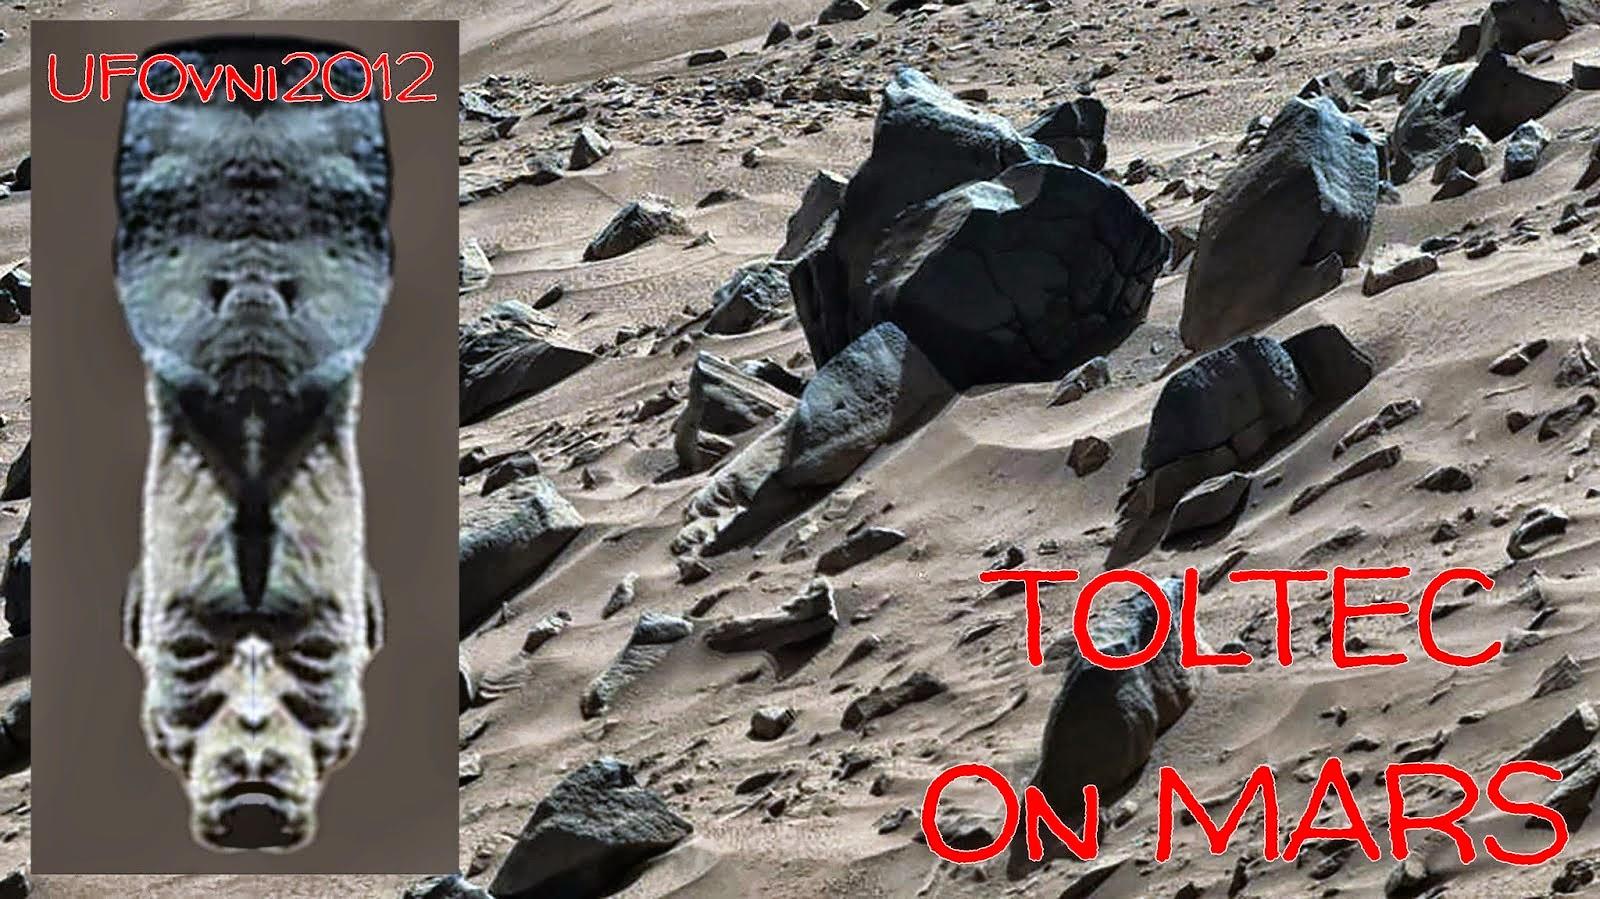 Νέες! Περίεργες Ανακαλύψεις στον Άρη: Πρόσωπο Τολτέκων, αρχαία κτίσματα, σύμβολο σφηνοειδούς γραφής χαραγμένο στο βράχο (ΒΙΝΤΕΟ)